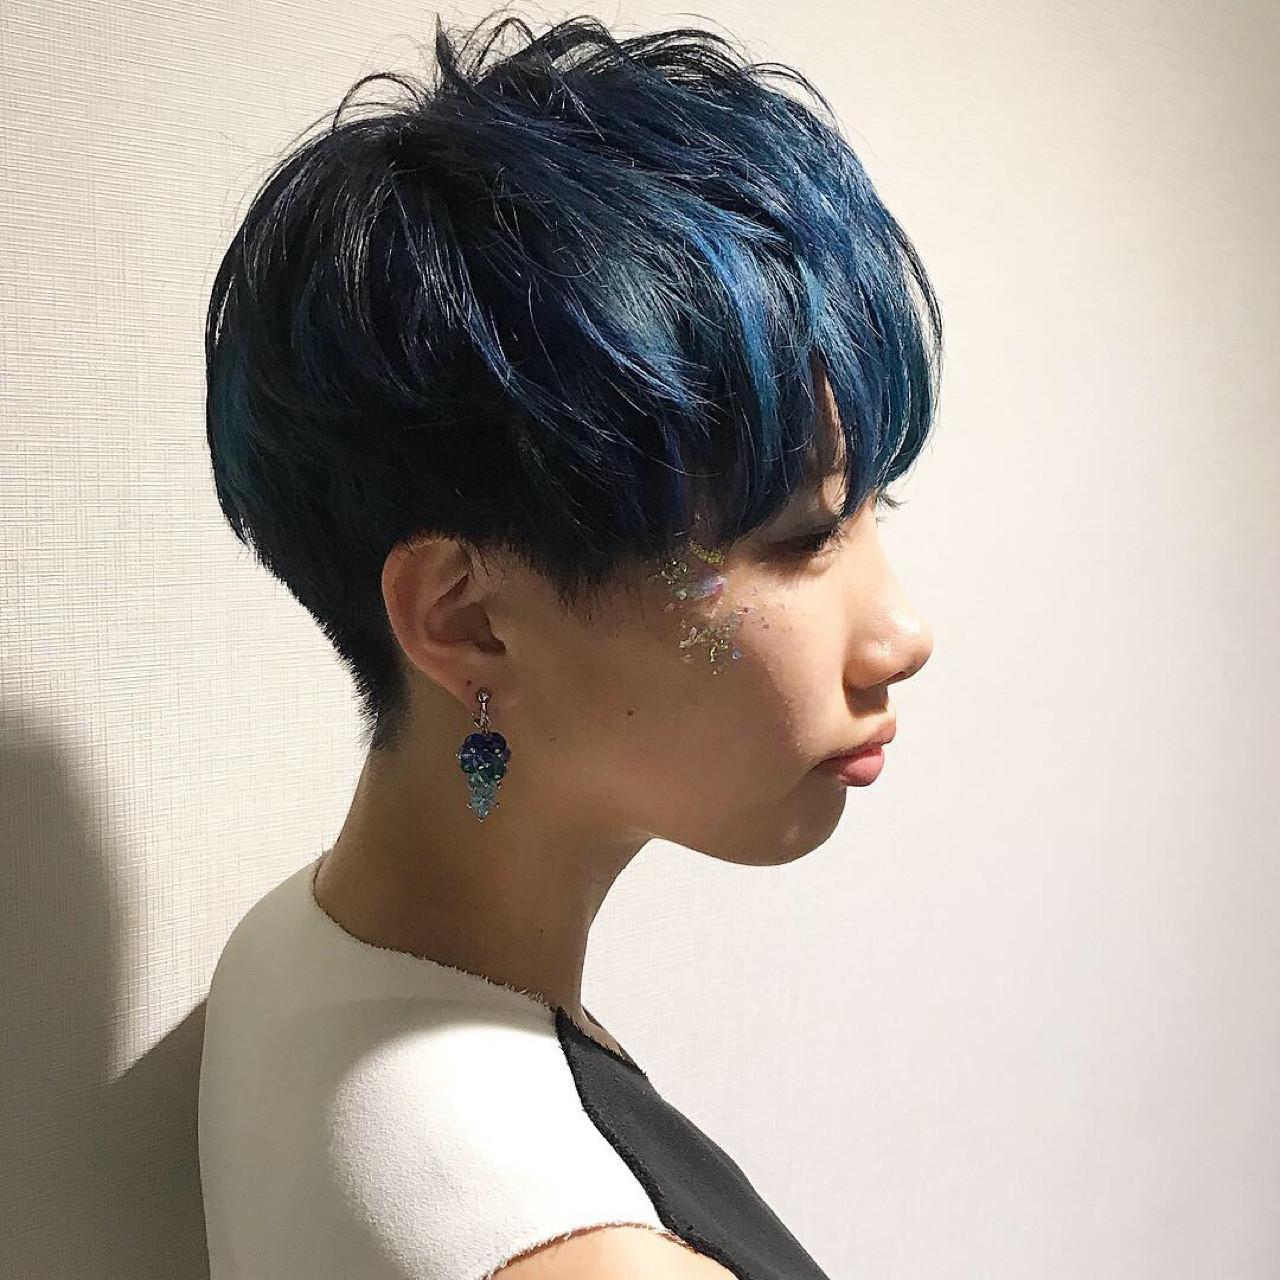 モード感満載のブルージュショート hirokazu takaki  Ash鴨居